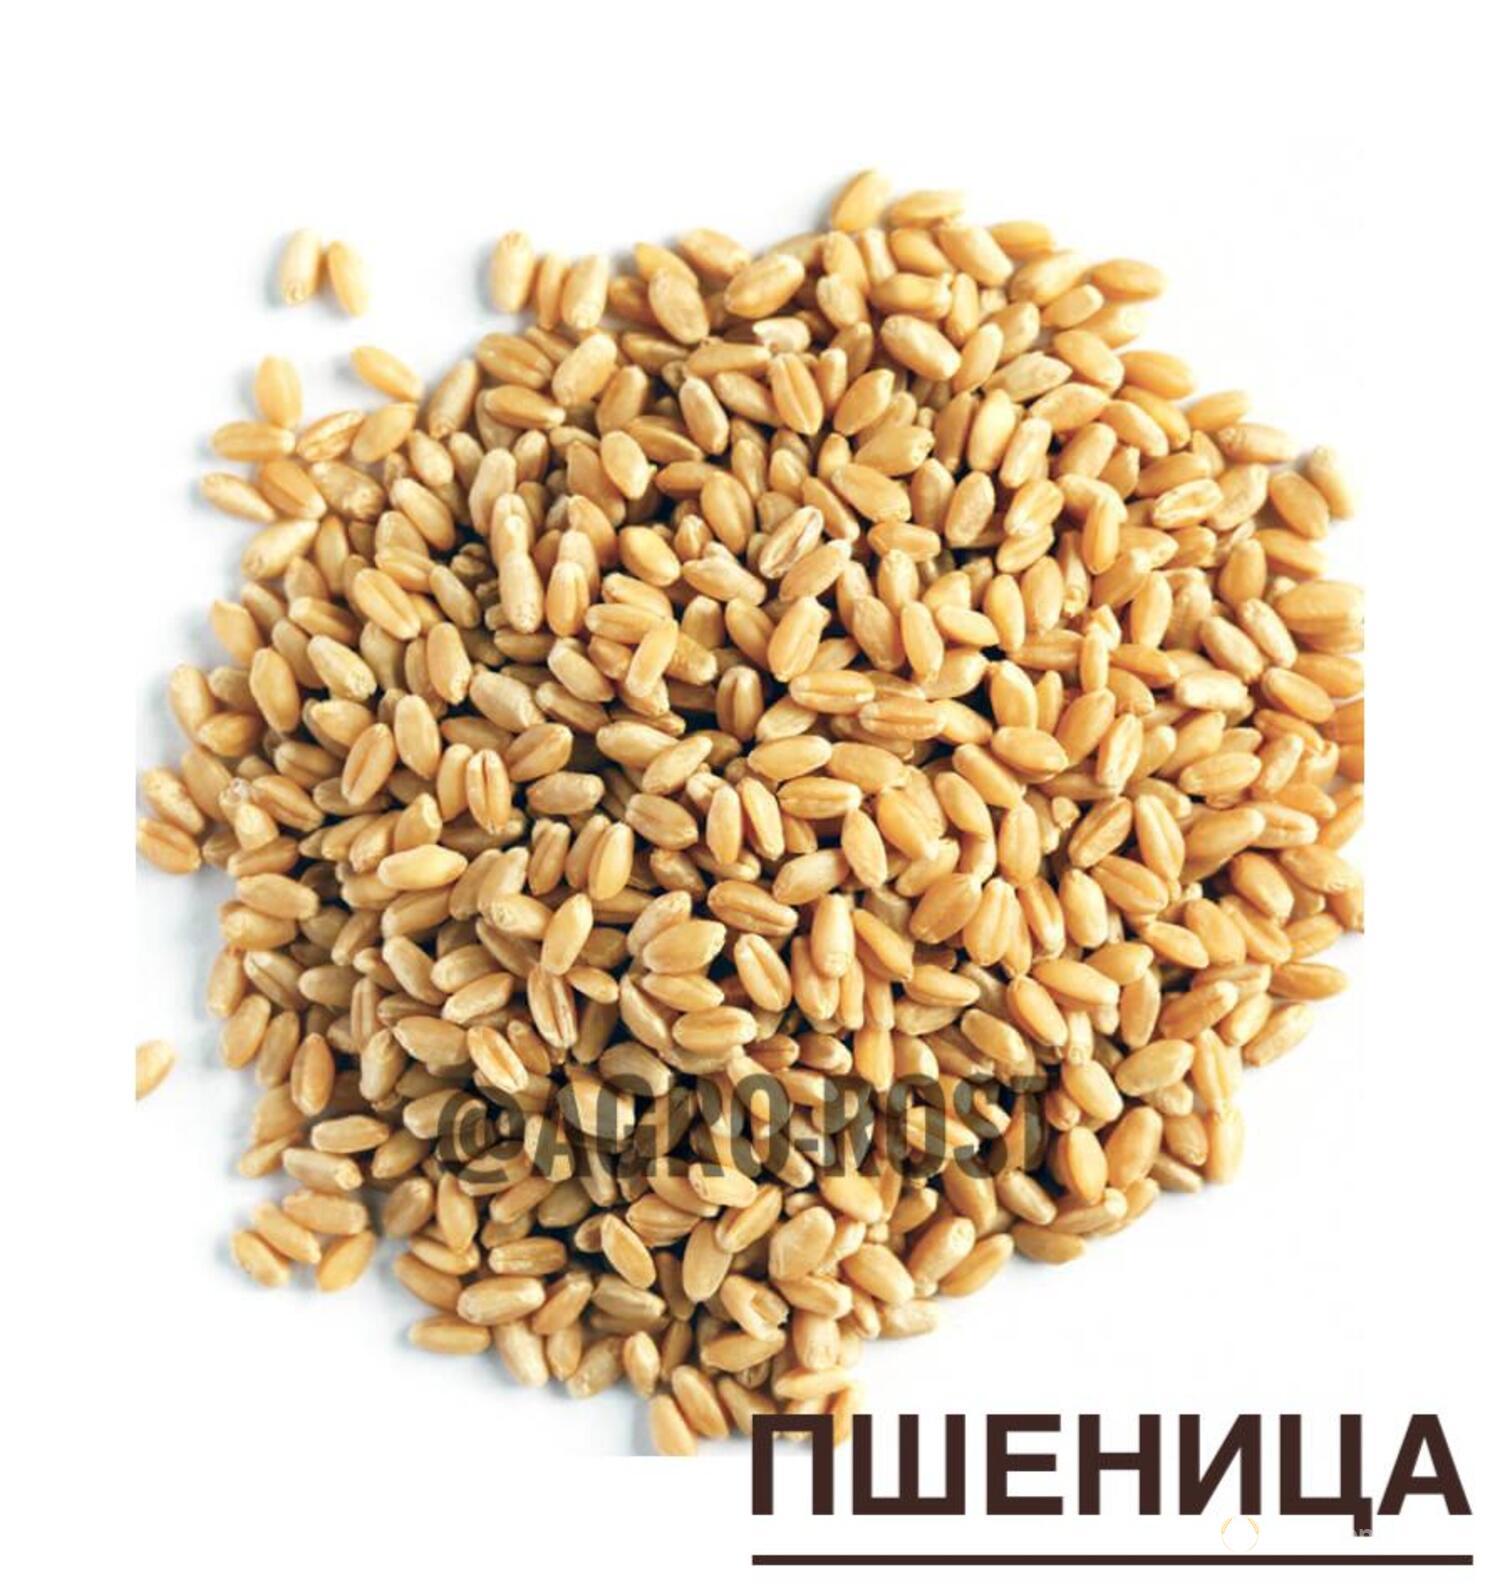 Объявление Пшеница 3,5 класс в Республике Татарстан